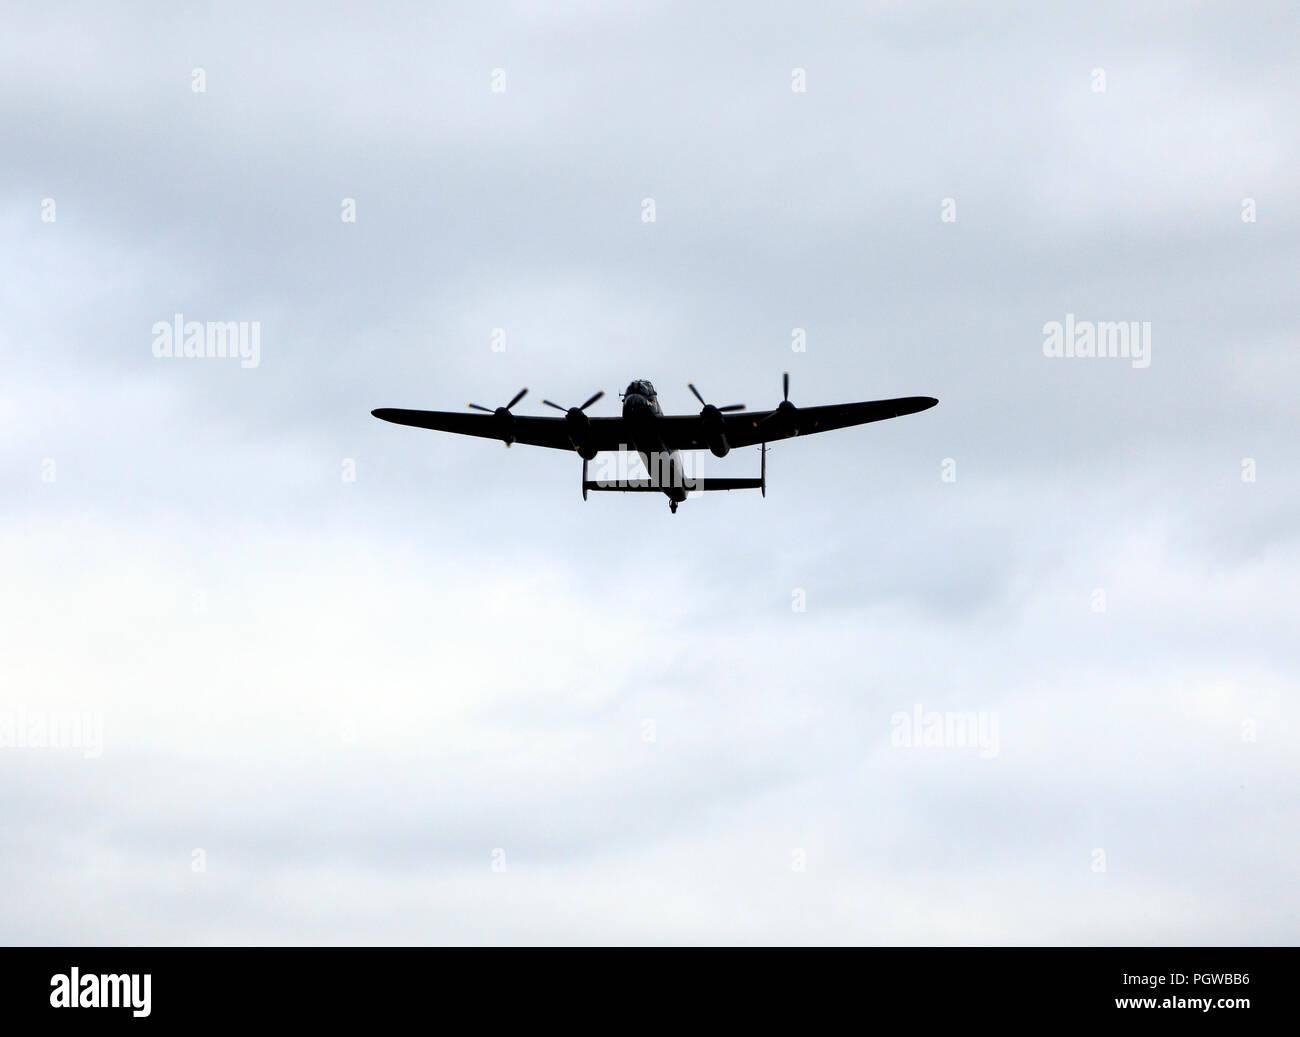 Lancaster Bomber, aeroplane, RAF, World War 2, bombing, built 1945 - Stock Image